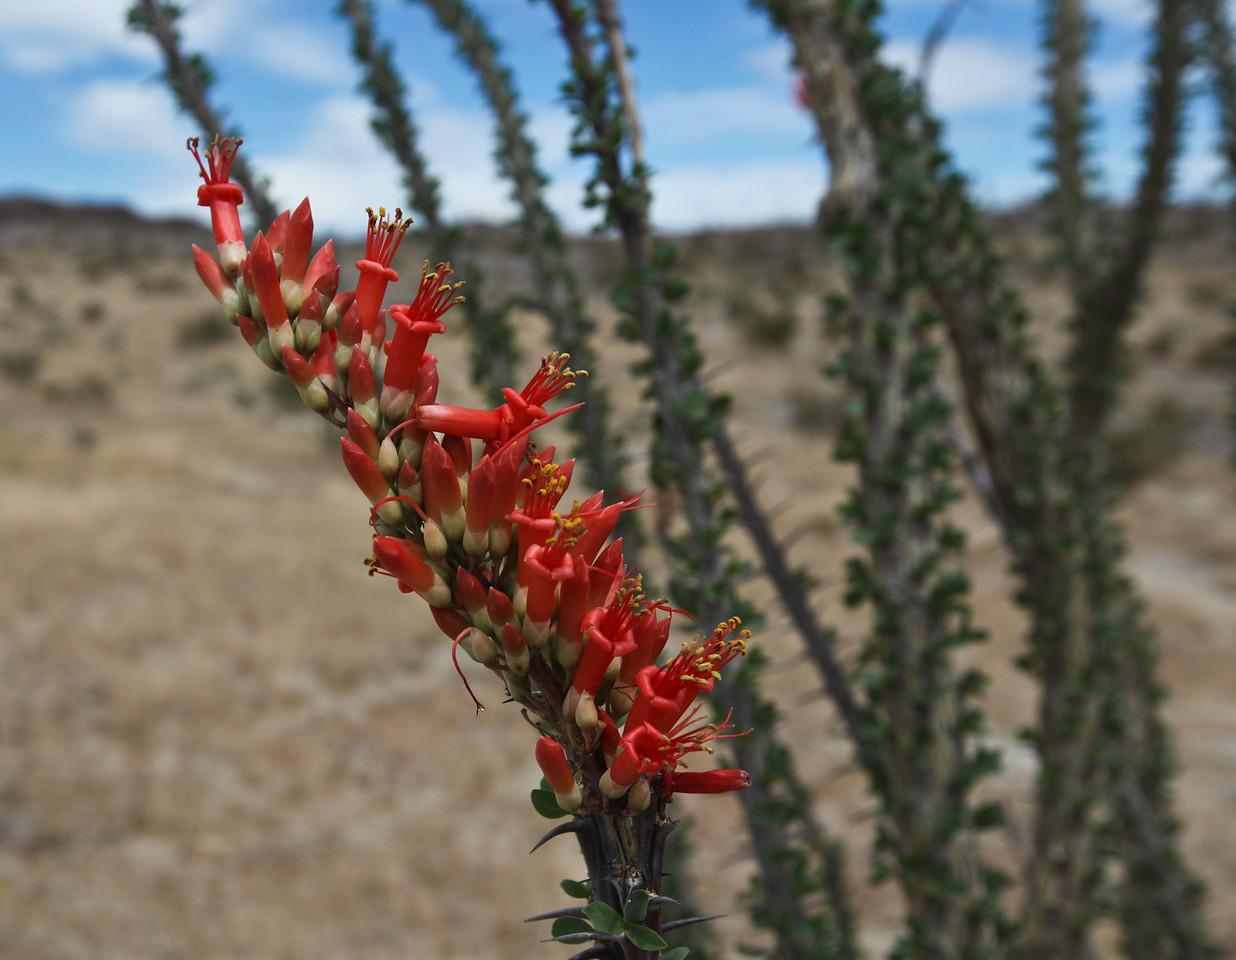 ocatillo, Anza-Borrego State Park